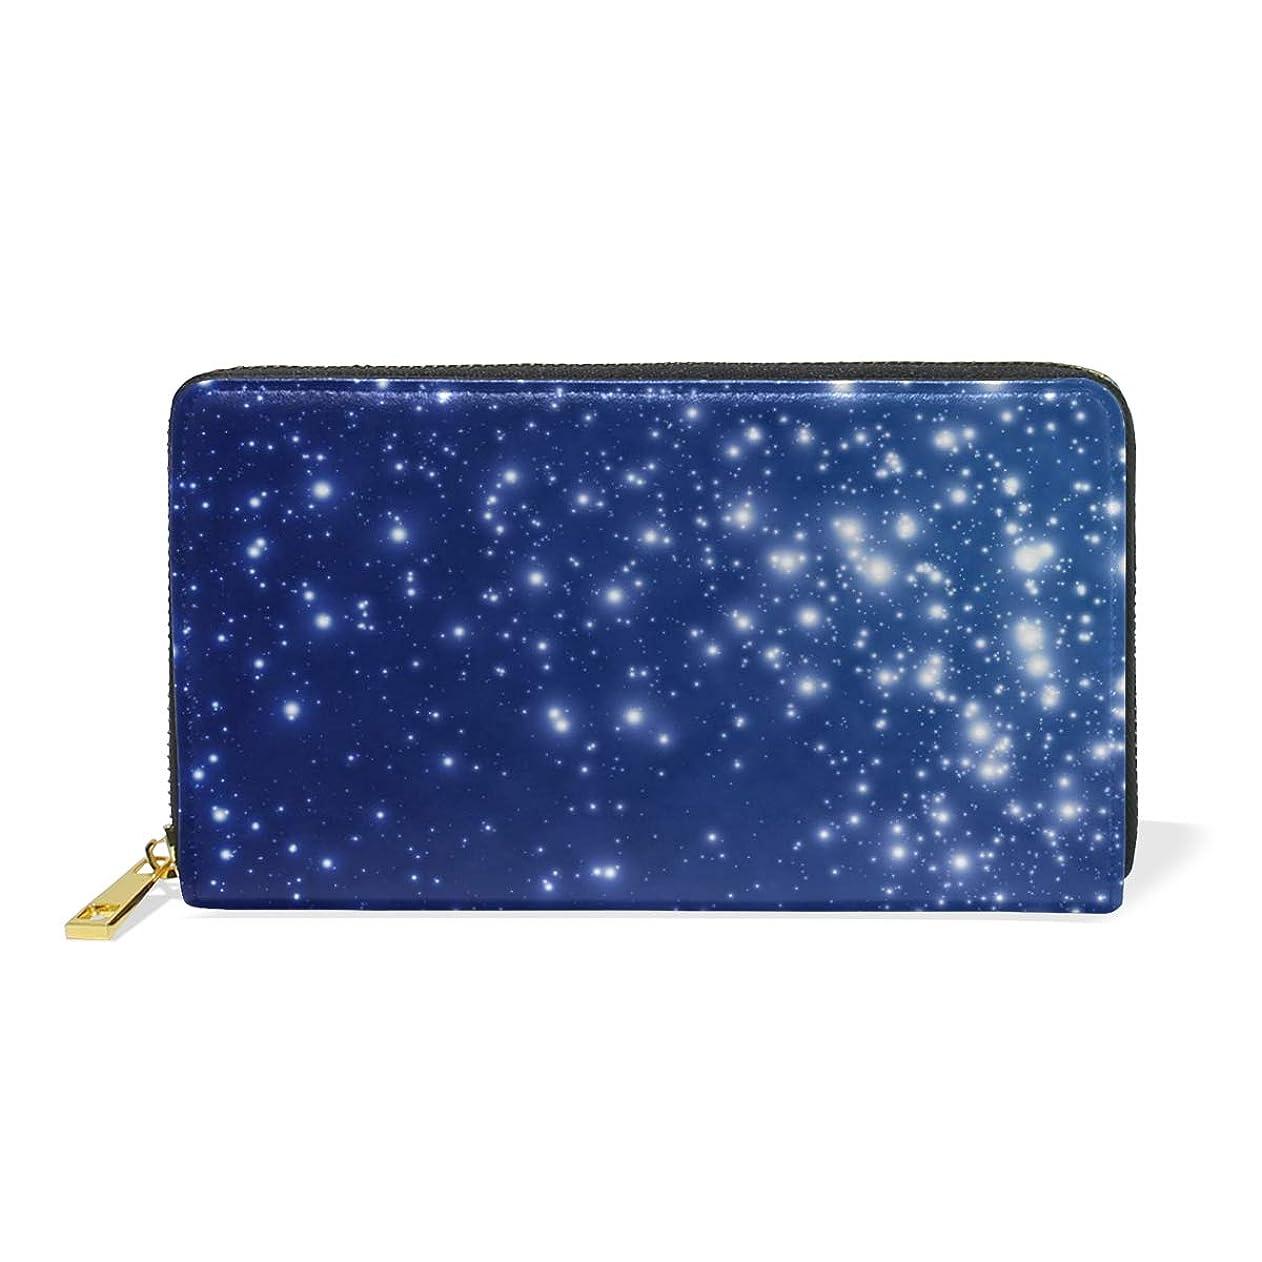 重々しいウォルターカニンガム気球マキク(MAKIKU) 長財布 レディース 大容量 宇宙柄 星 レザー 革 プレゼント対応